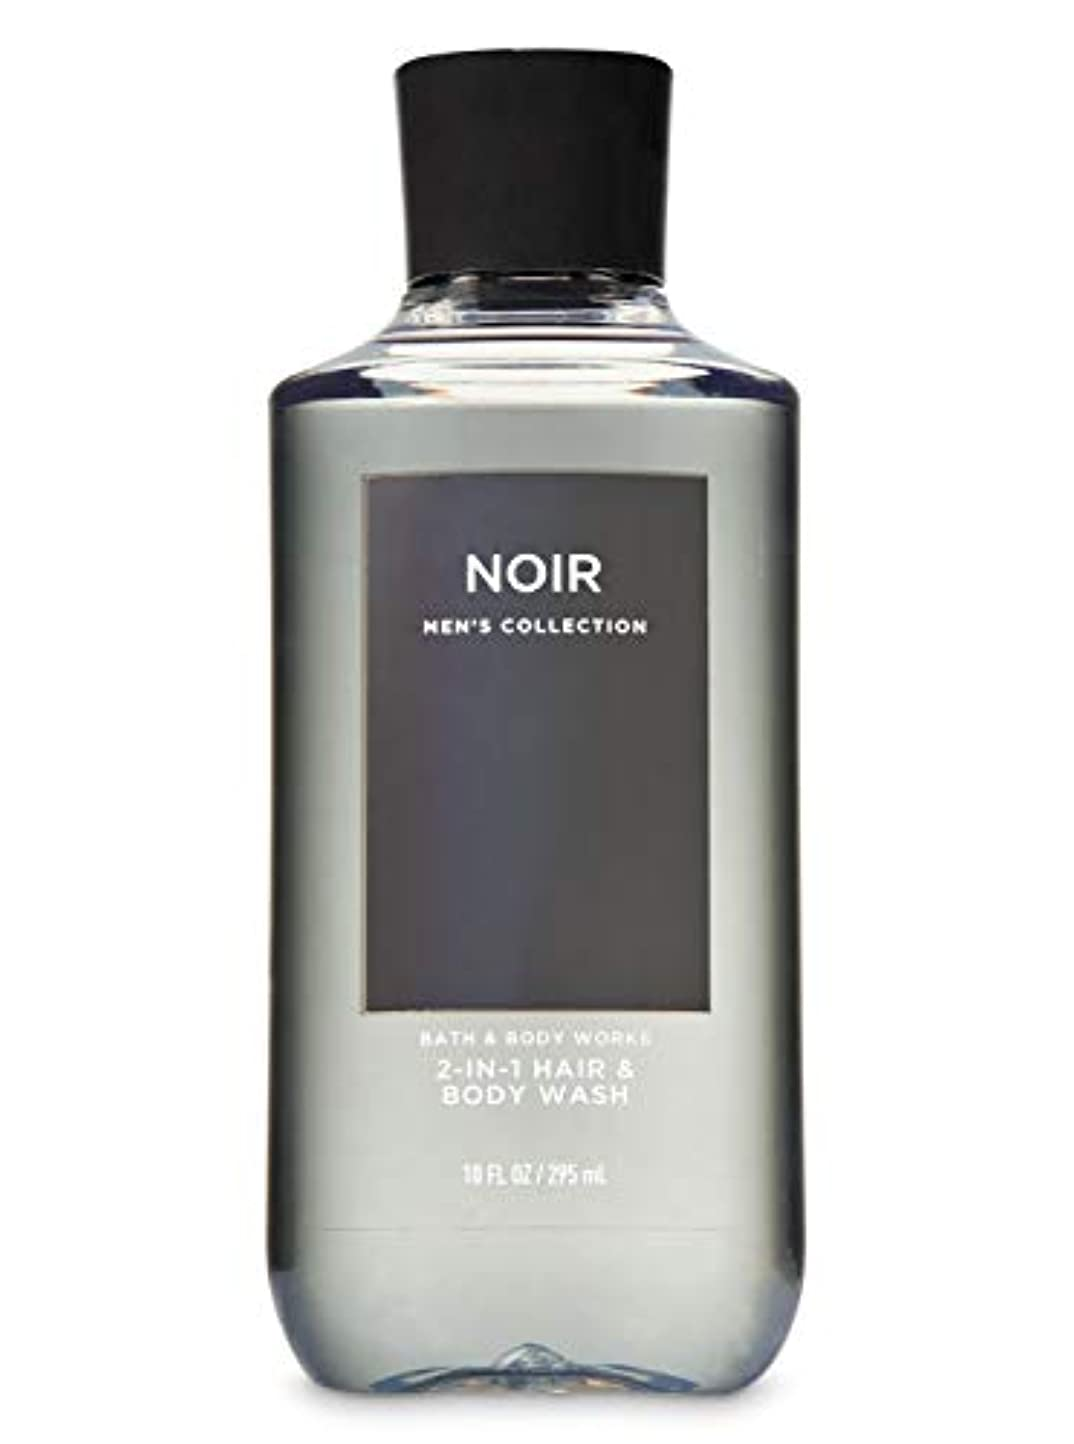 価値のない色ペア【並行輸入品】Bath & Body Works Noir 2-in-1 Hair + Body Wash 295 mL